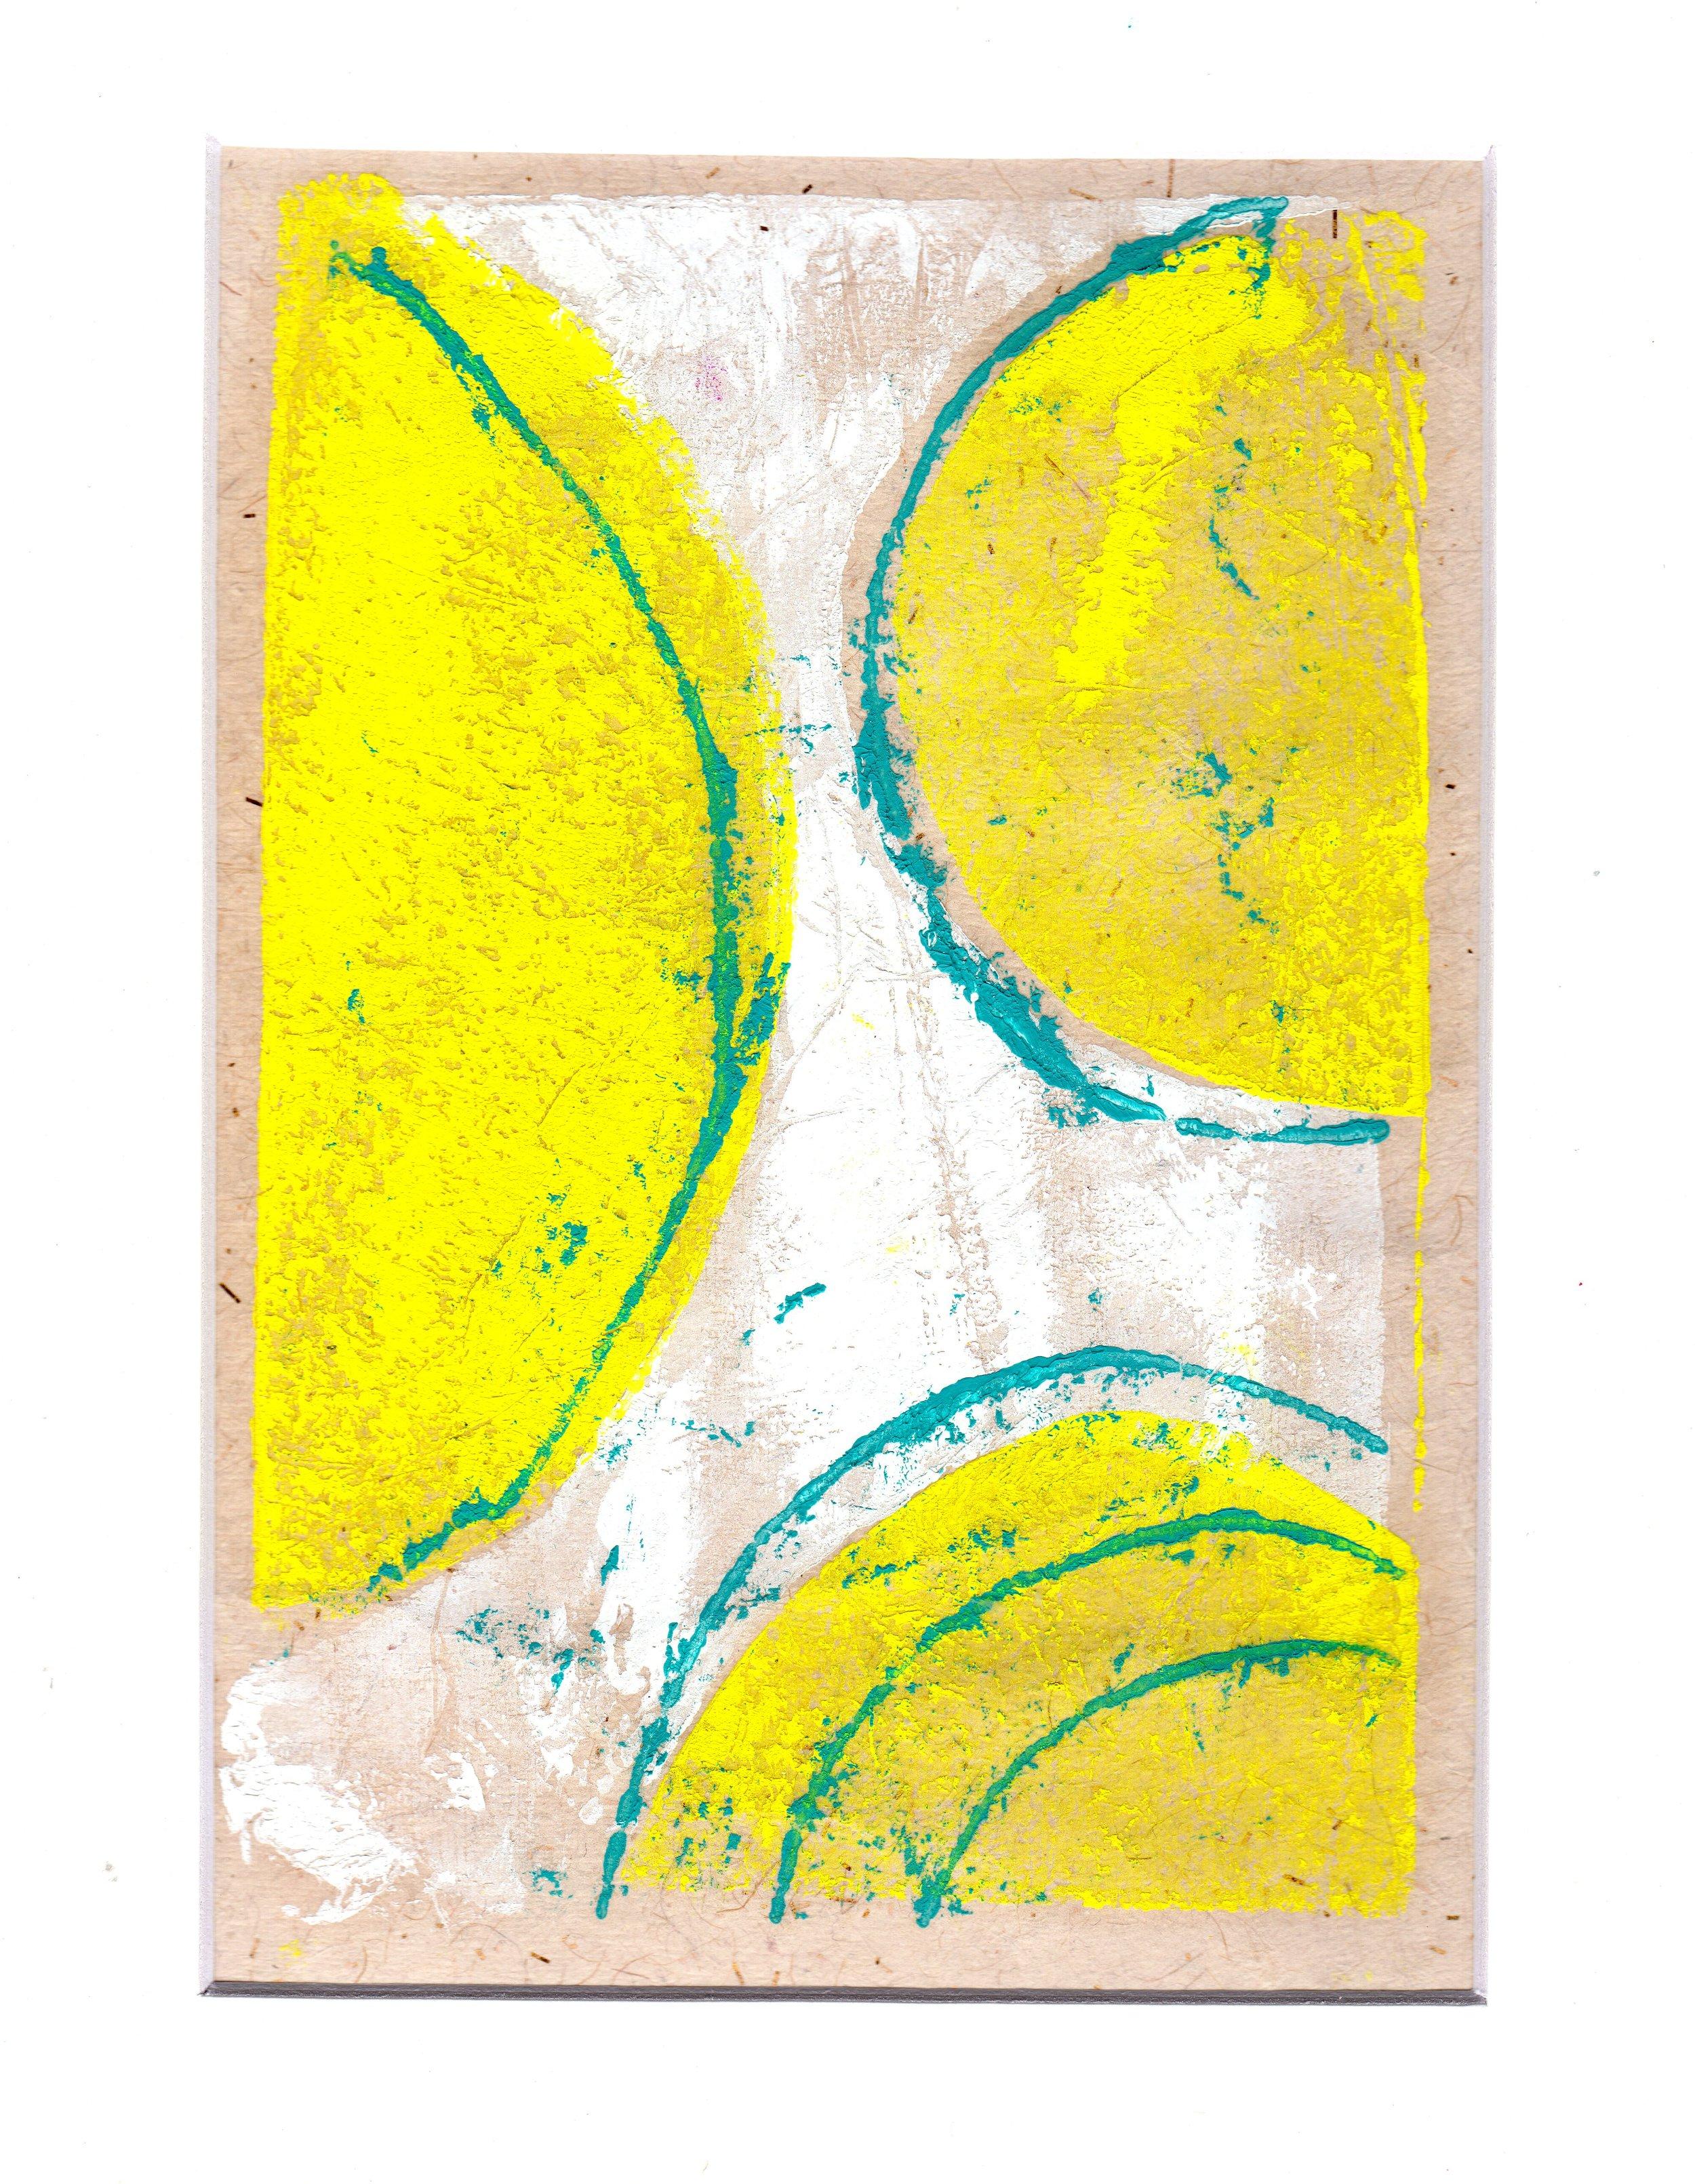 Line Experiment 30 CJuliaBethmann2019